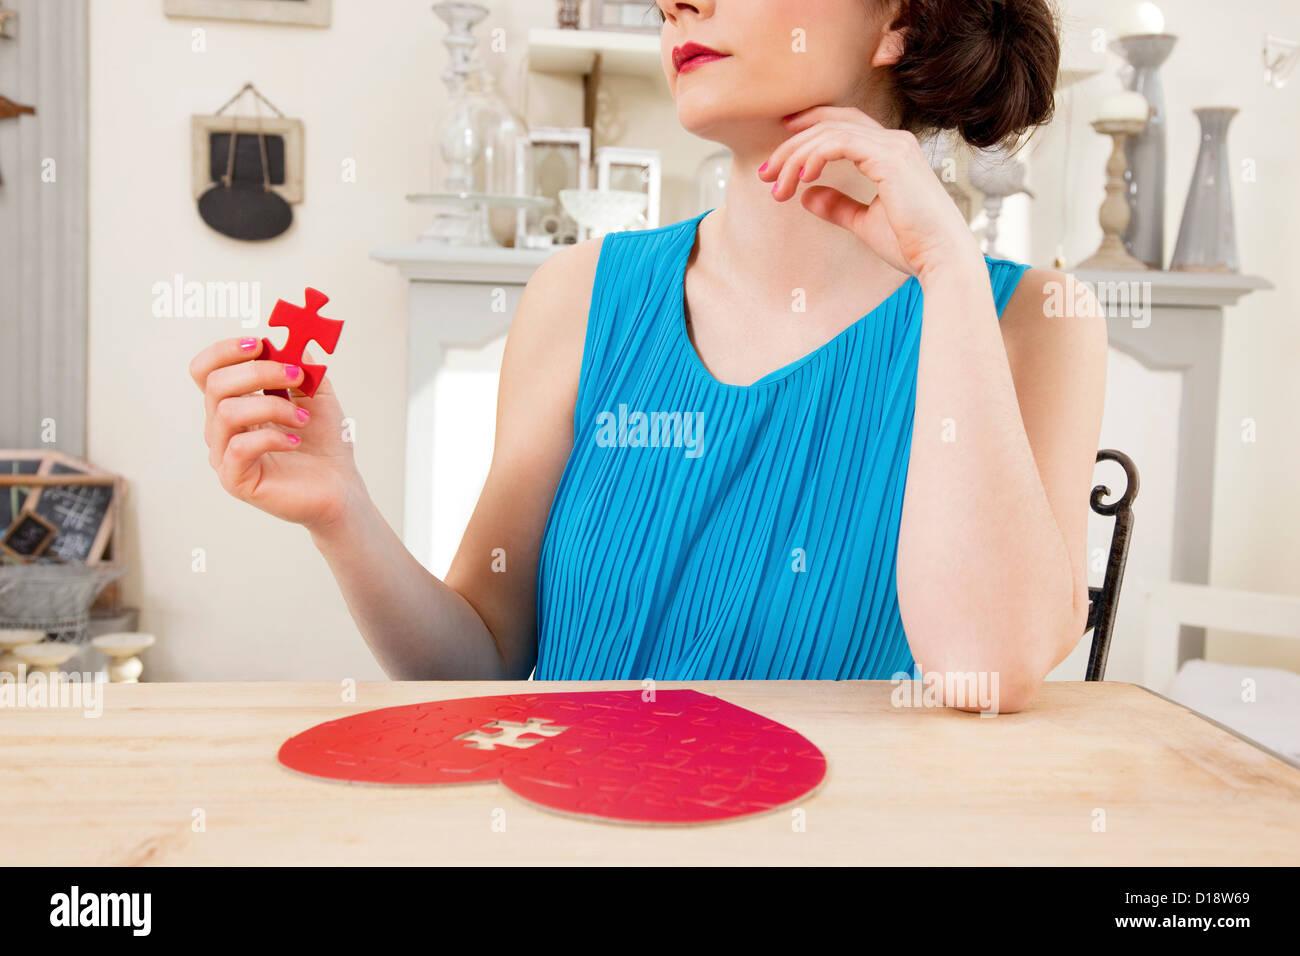 Mujer haciendo rompecabezas en forma de corazón la celebración de pieza Imagen De Stock